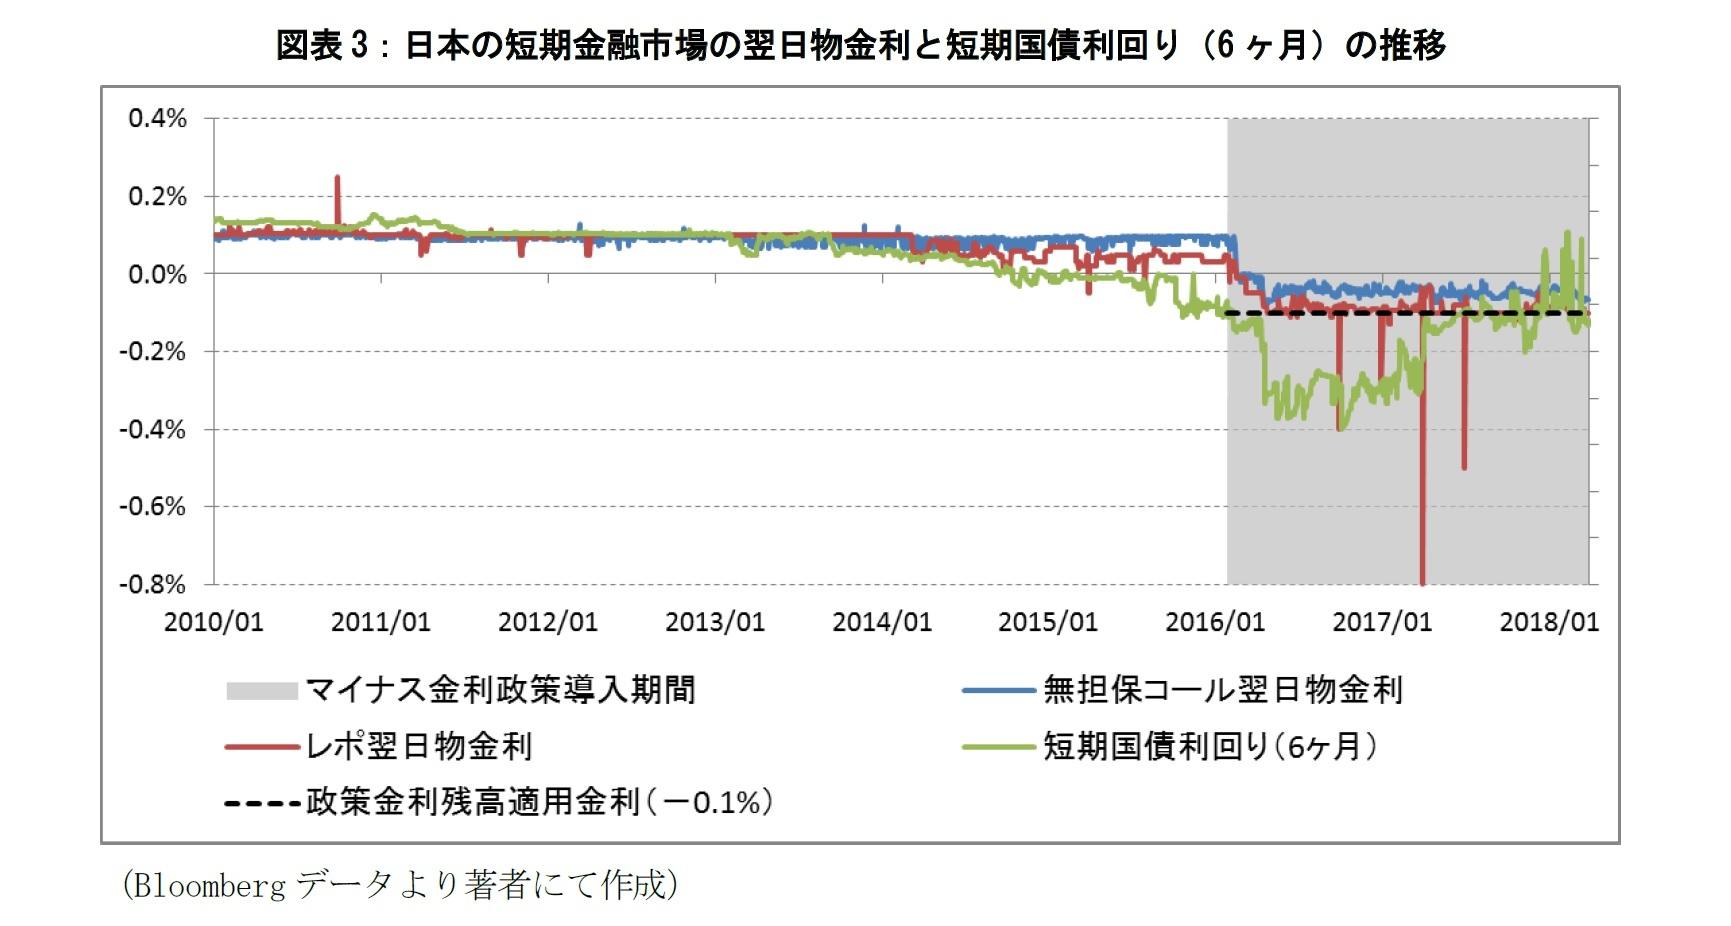 図表3:日本の短期金融市場の翌日物金利と短期国債利回り(6ヶ月)の推移